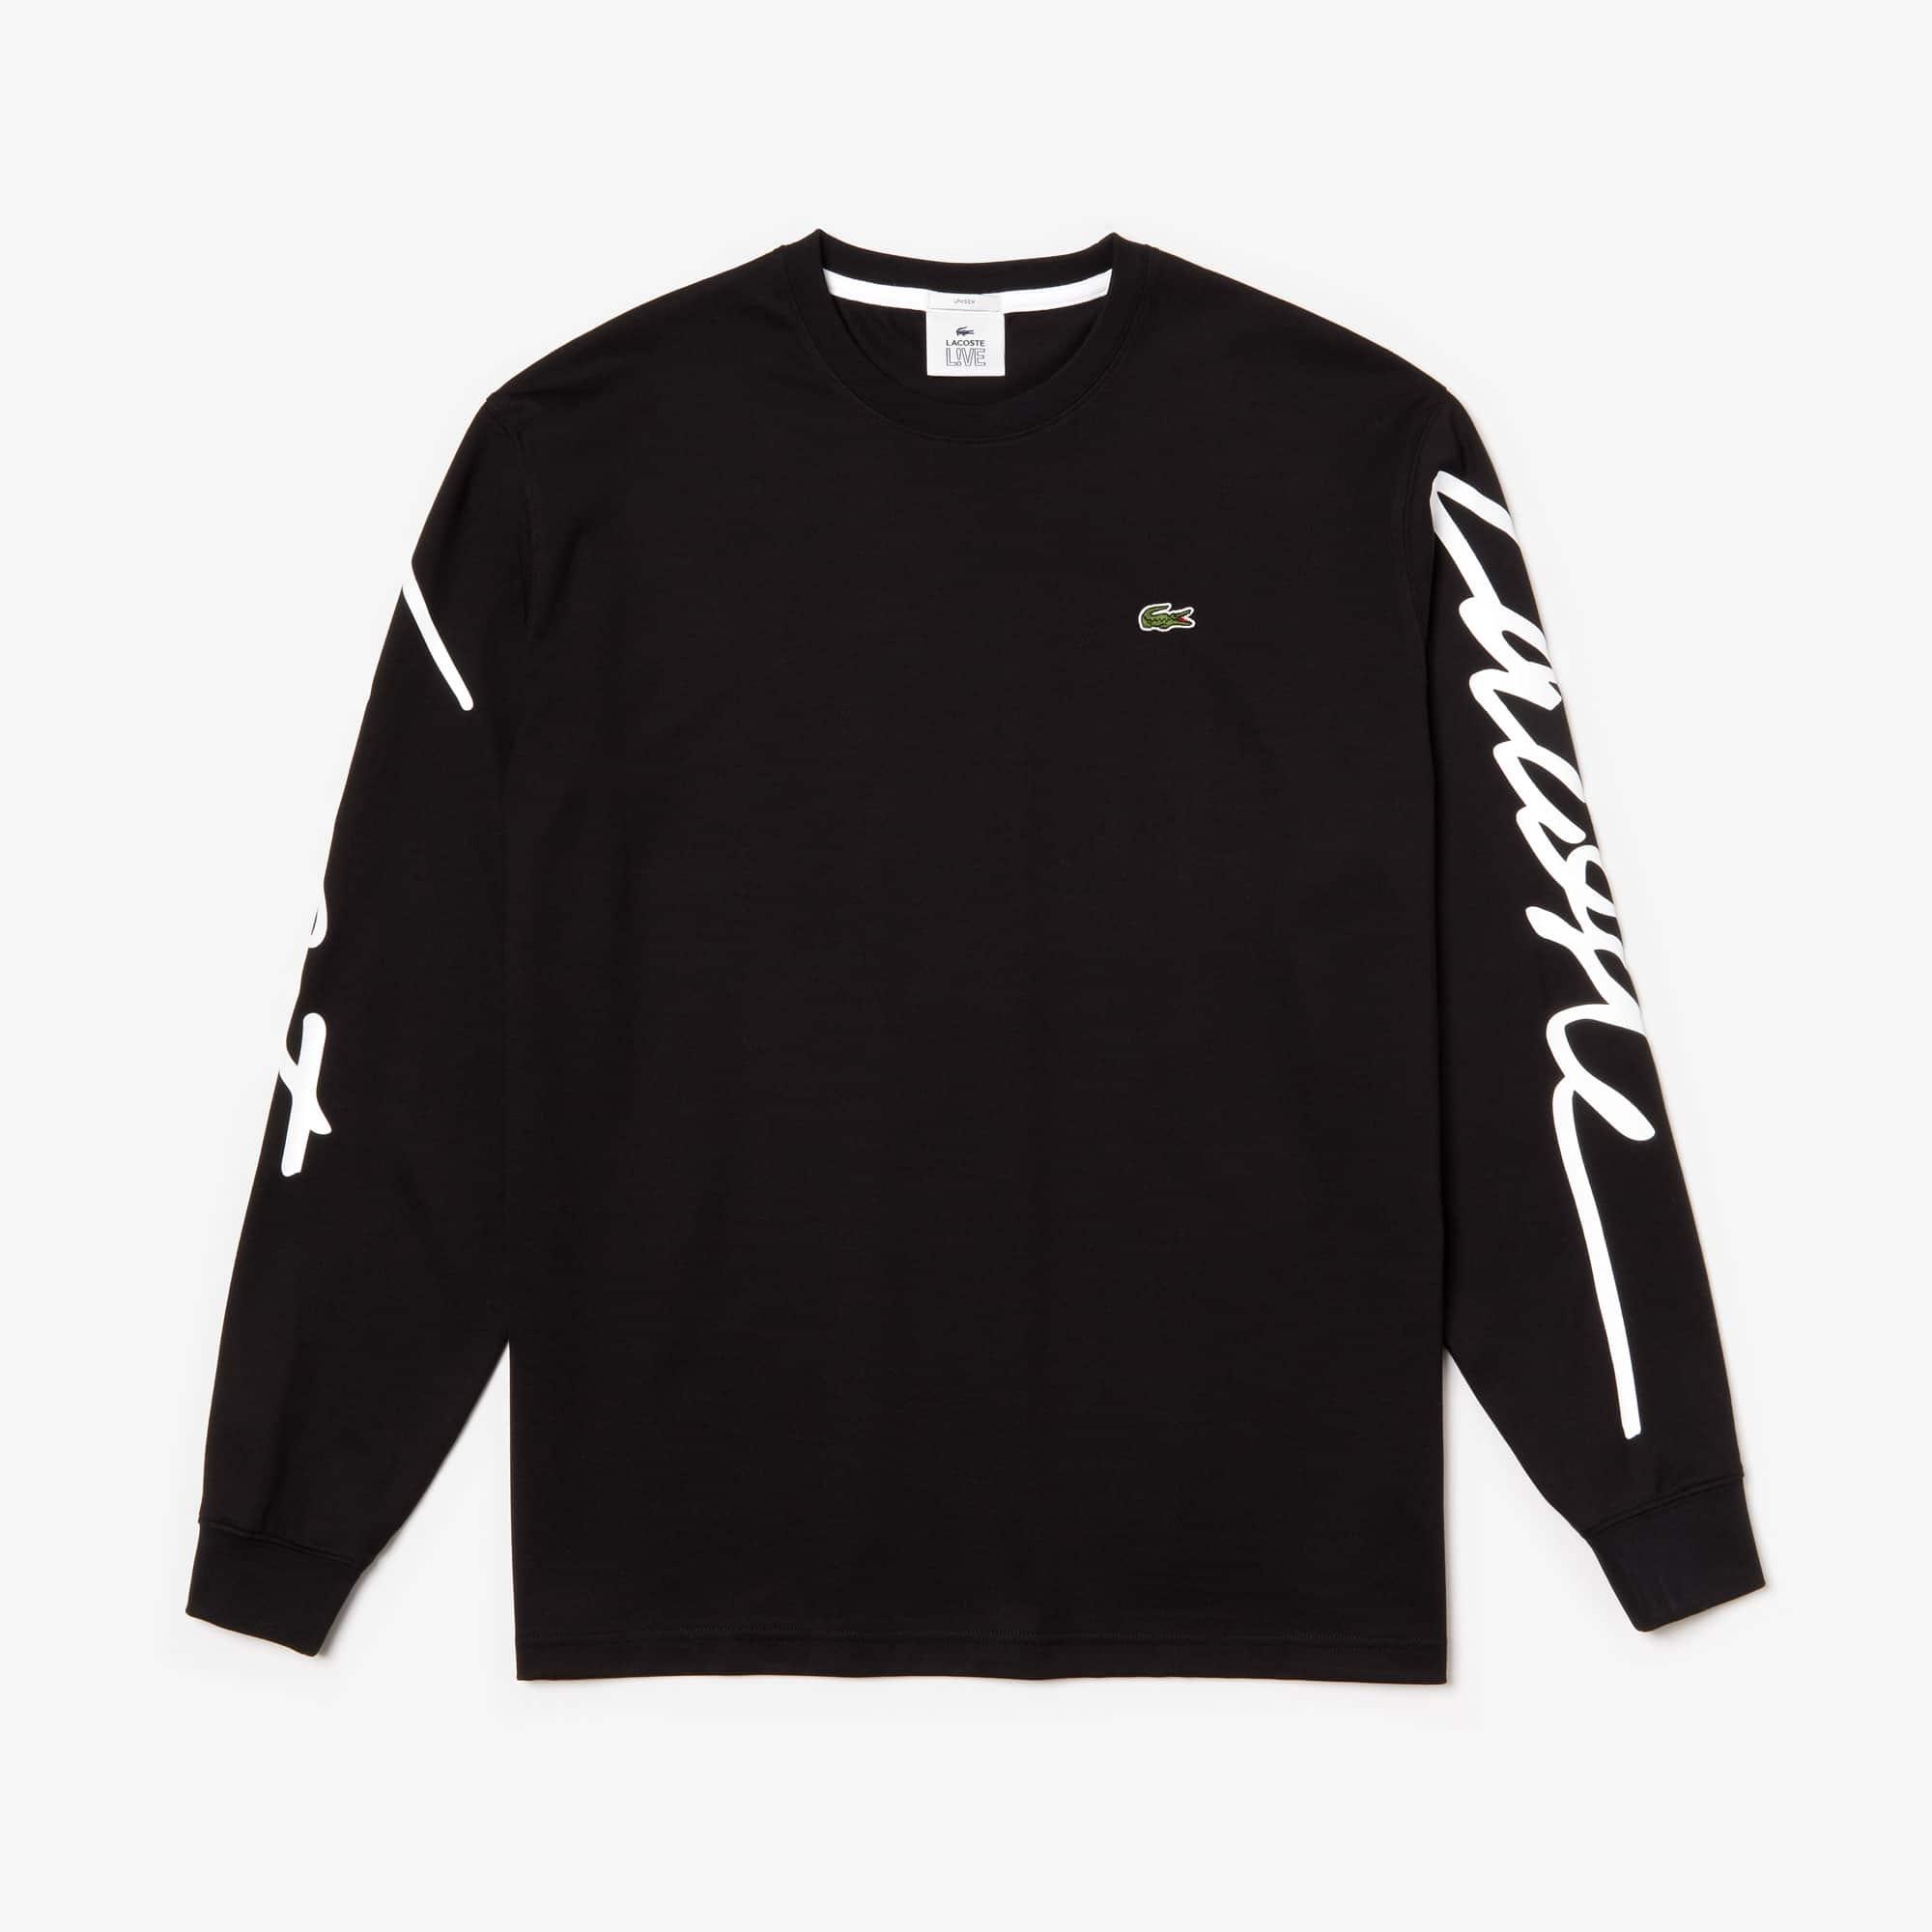 Lacoste Cottons Unisex LIVE Signature Print T-shirt